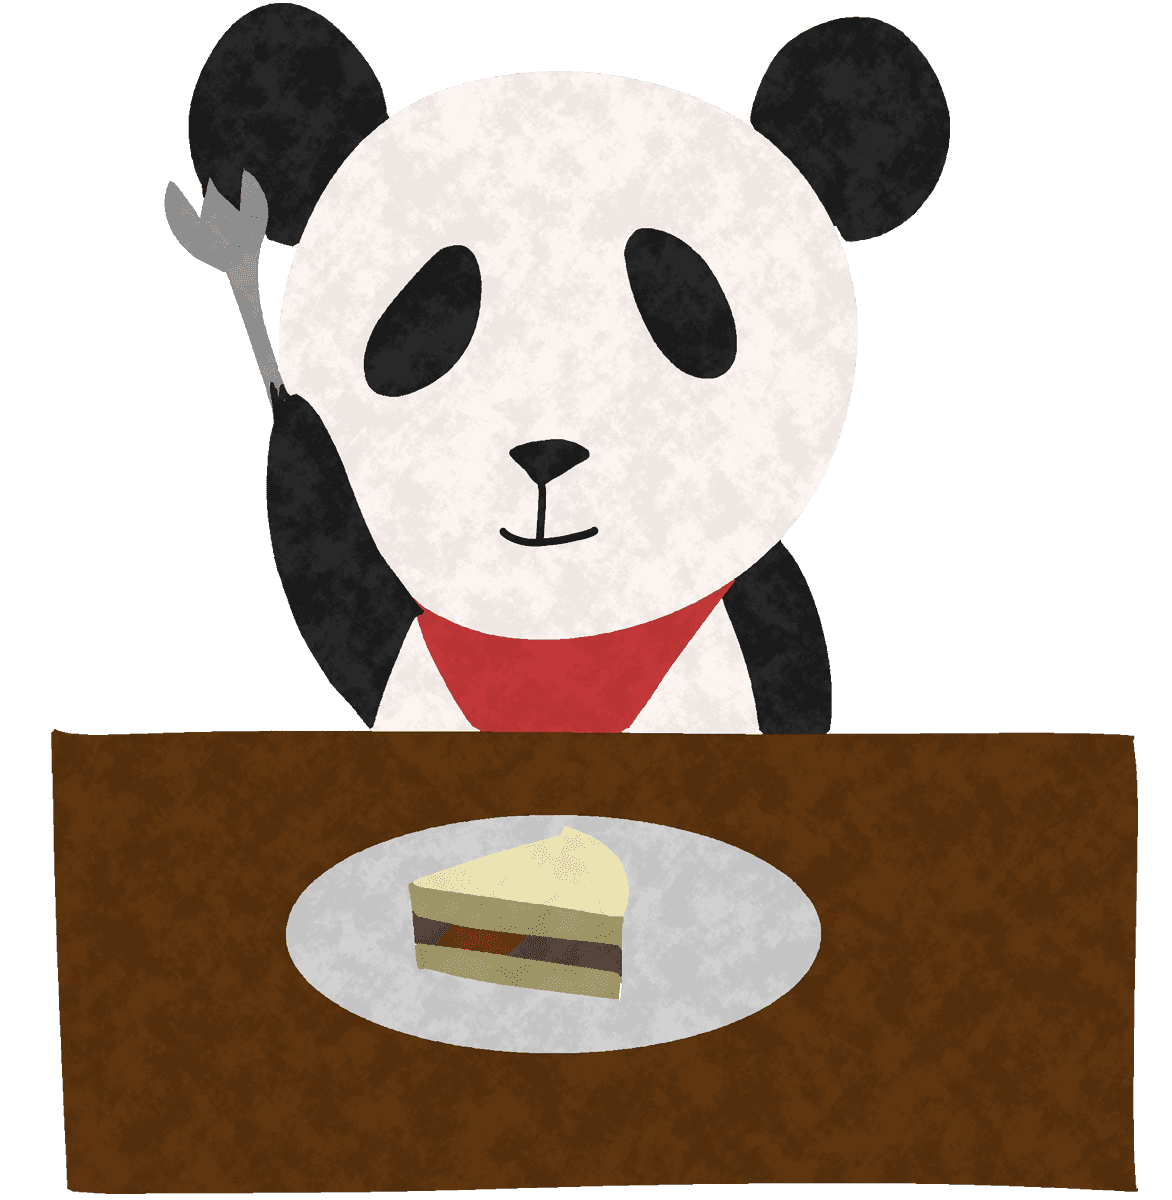 ケーキを食べるパンダイラスト